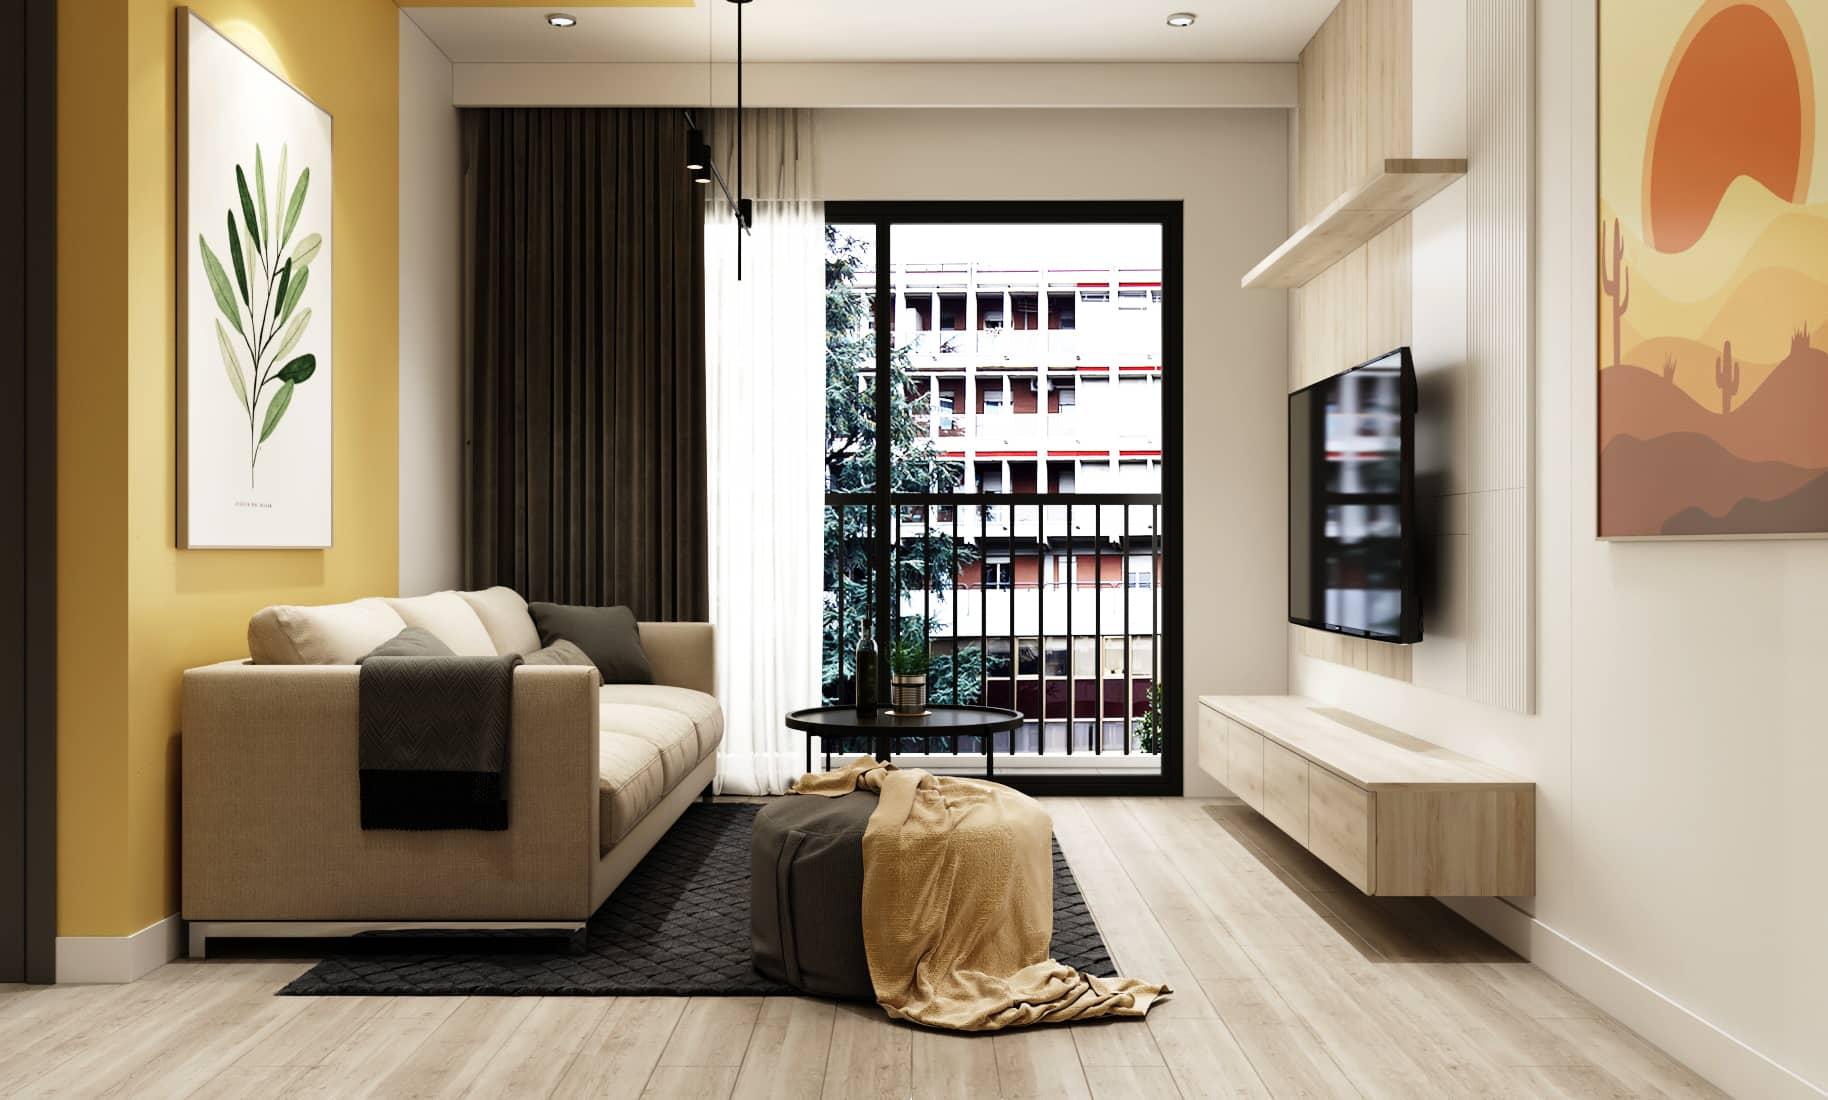 Thiết kế nội thất nhà ở mang đến không gian sống ấn tượng, hài hòa